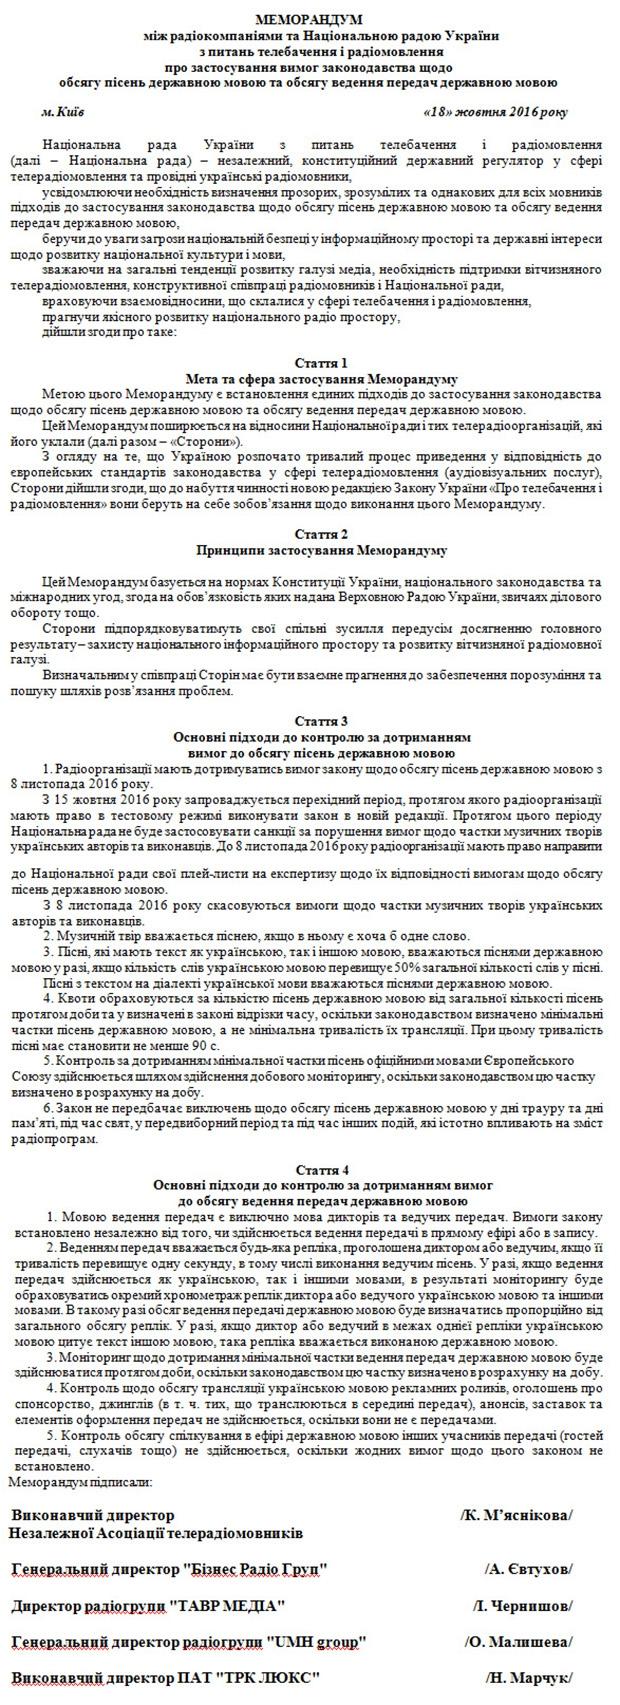 квоты, ЕС, закон об аудиовизуальном продукте, Николай Баграев, Сергей Курченко, радио